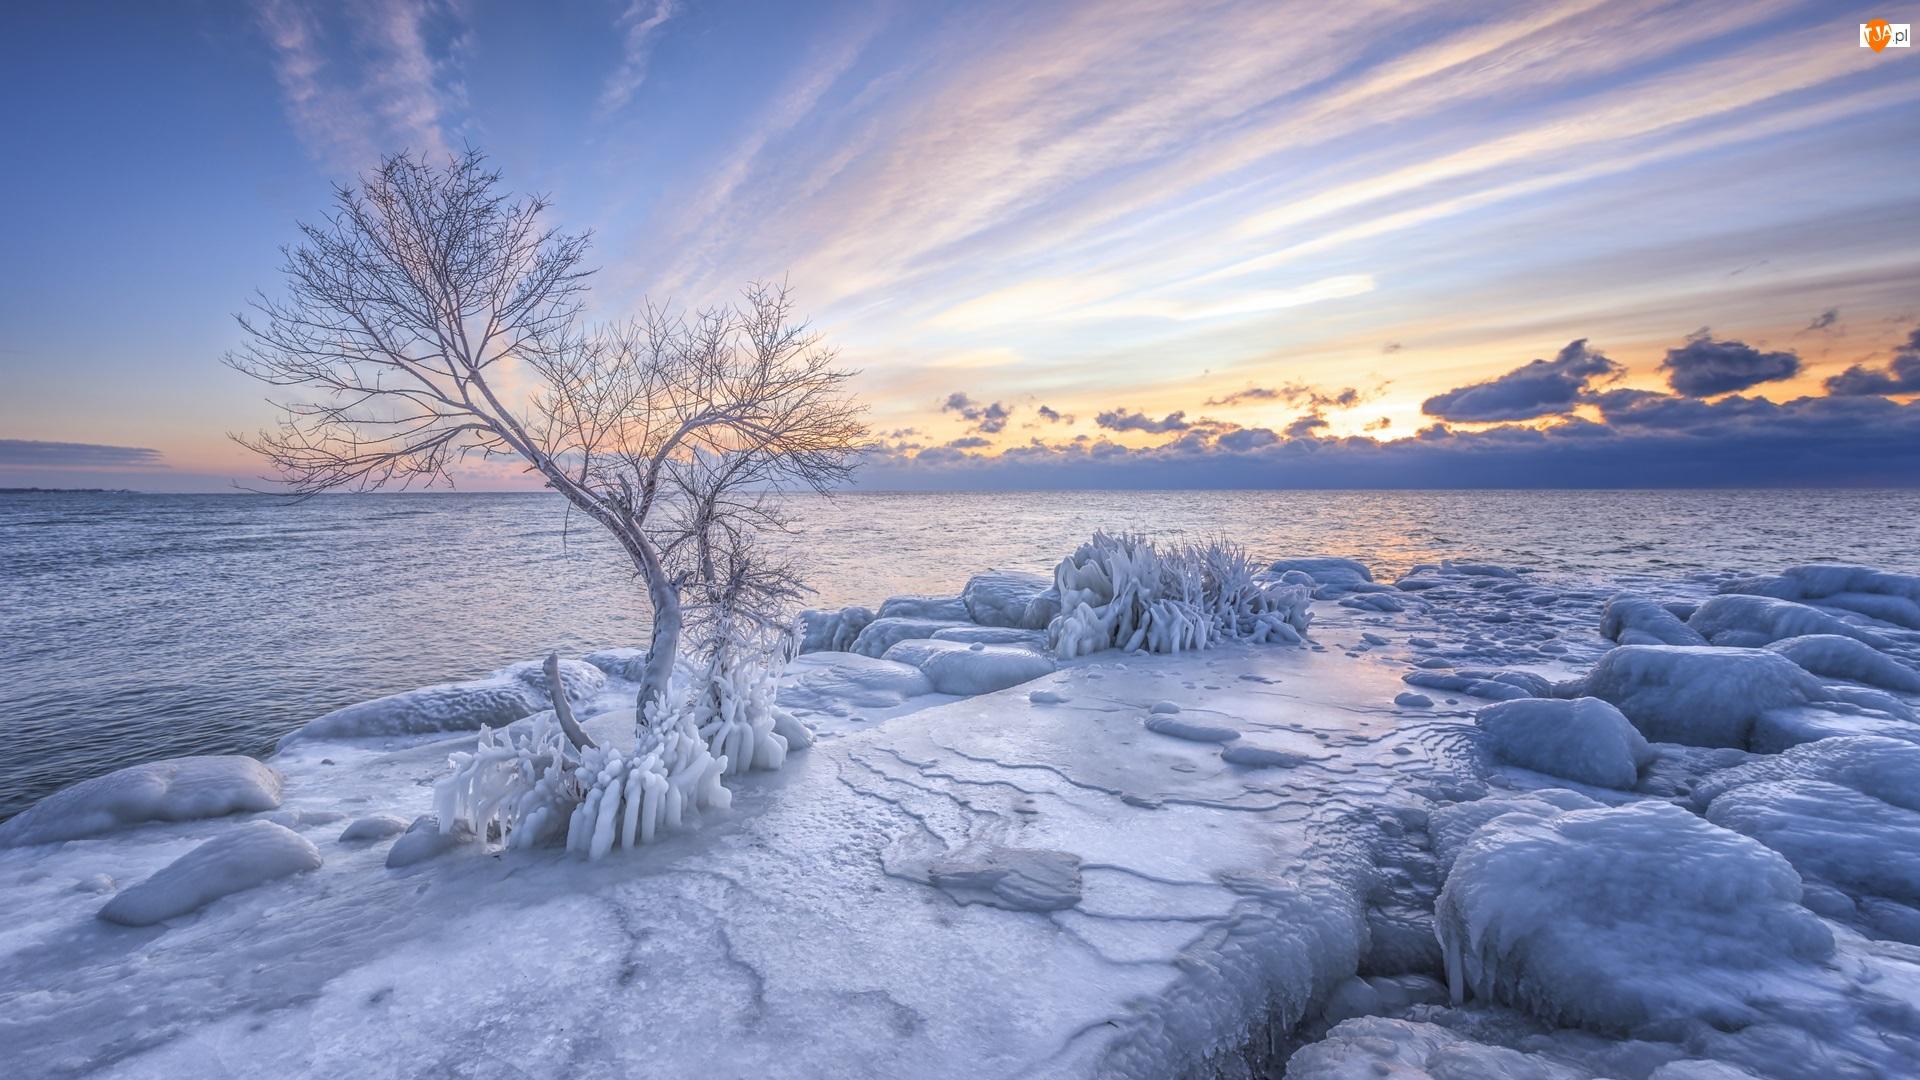 Morze, Brzeg, Wschód słońca, Zima, Chmury, Lód, Drzewo